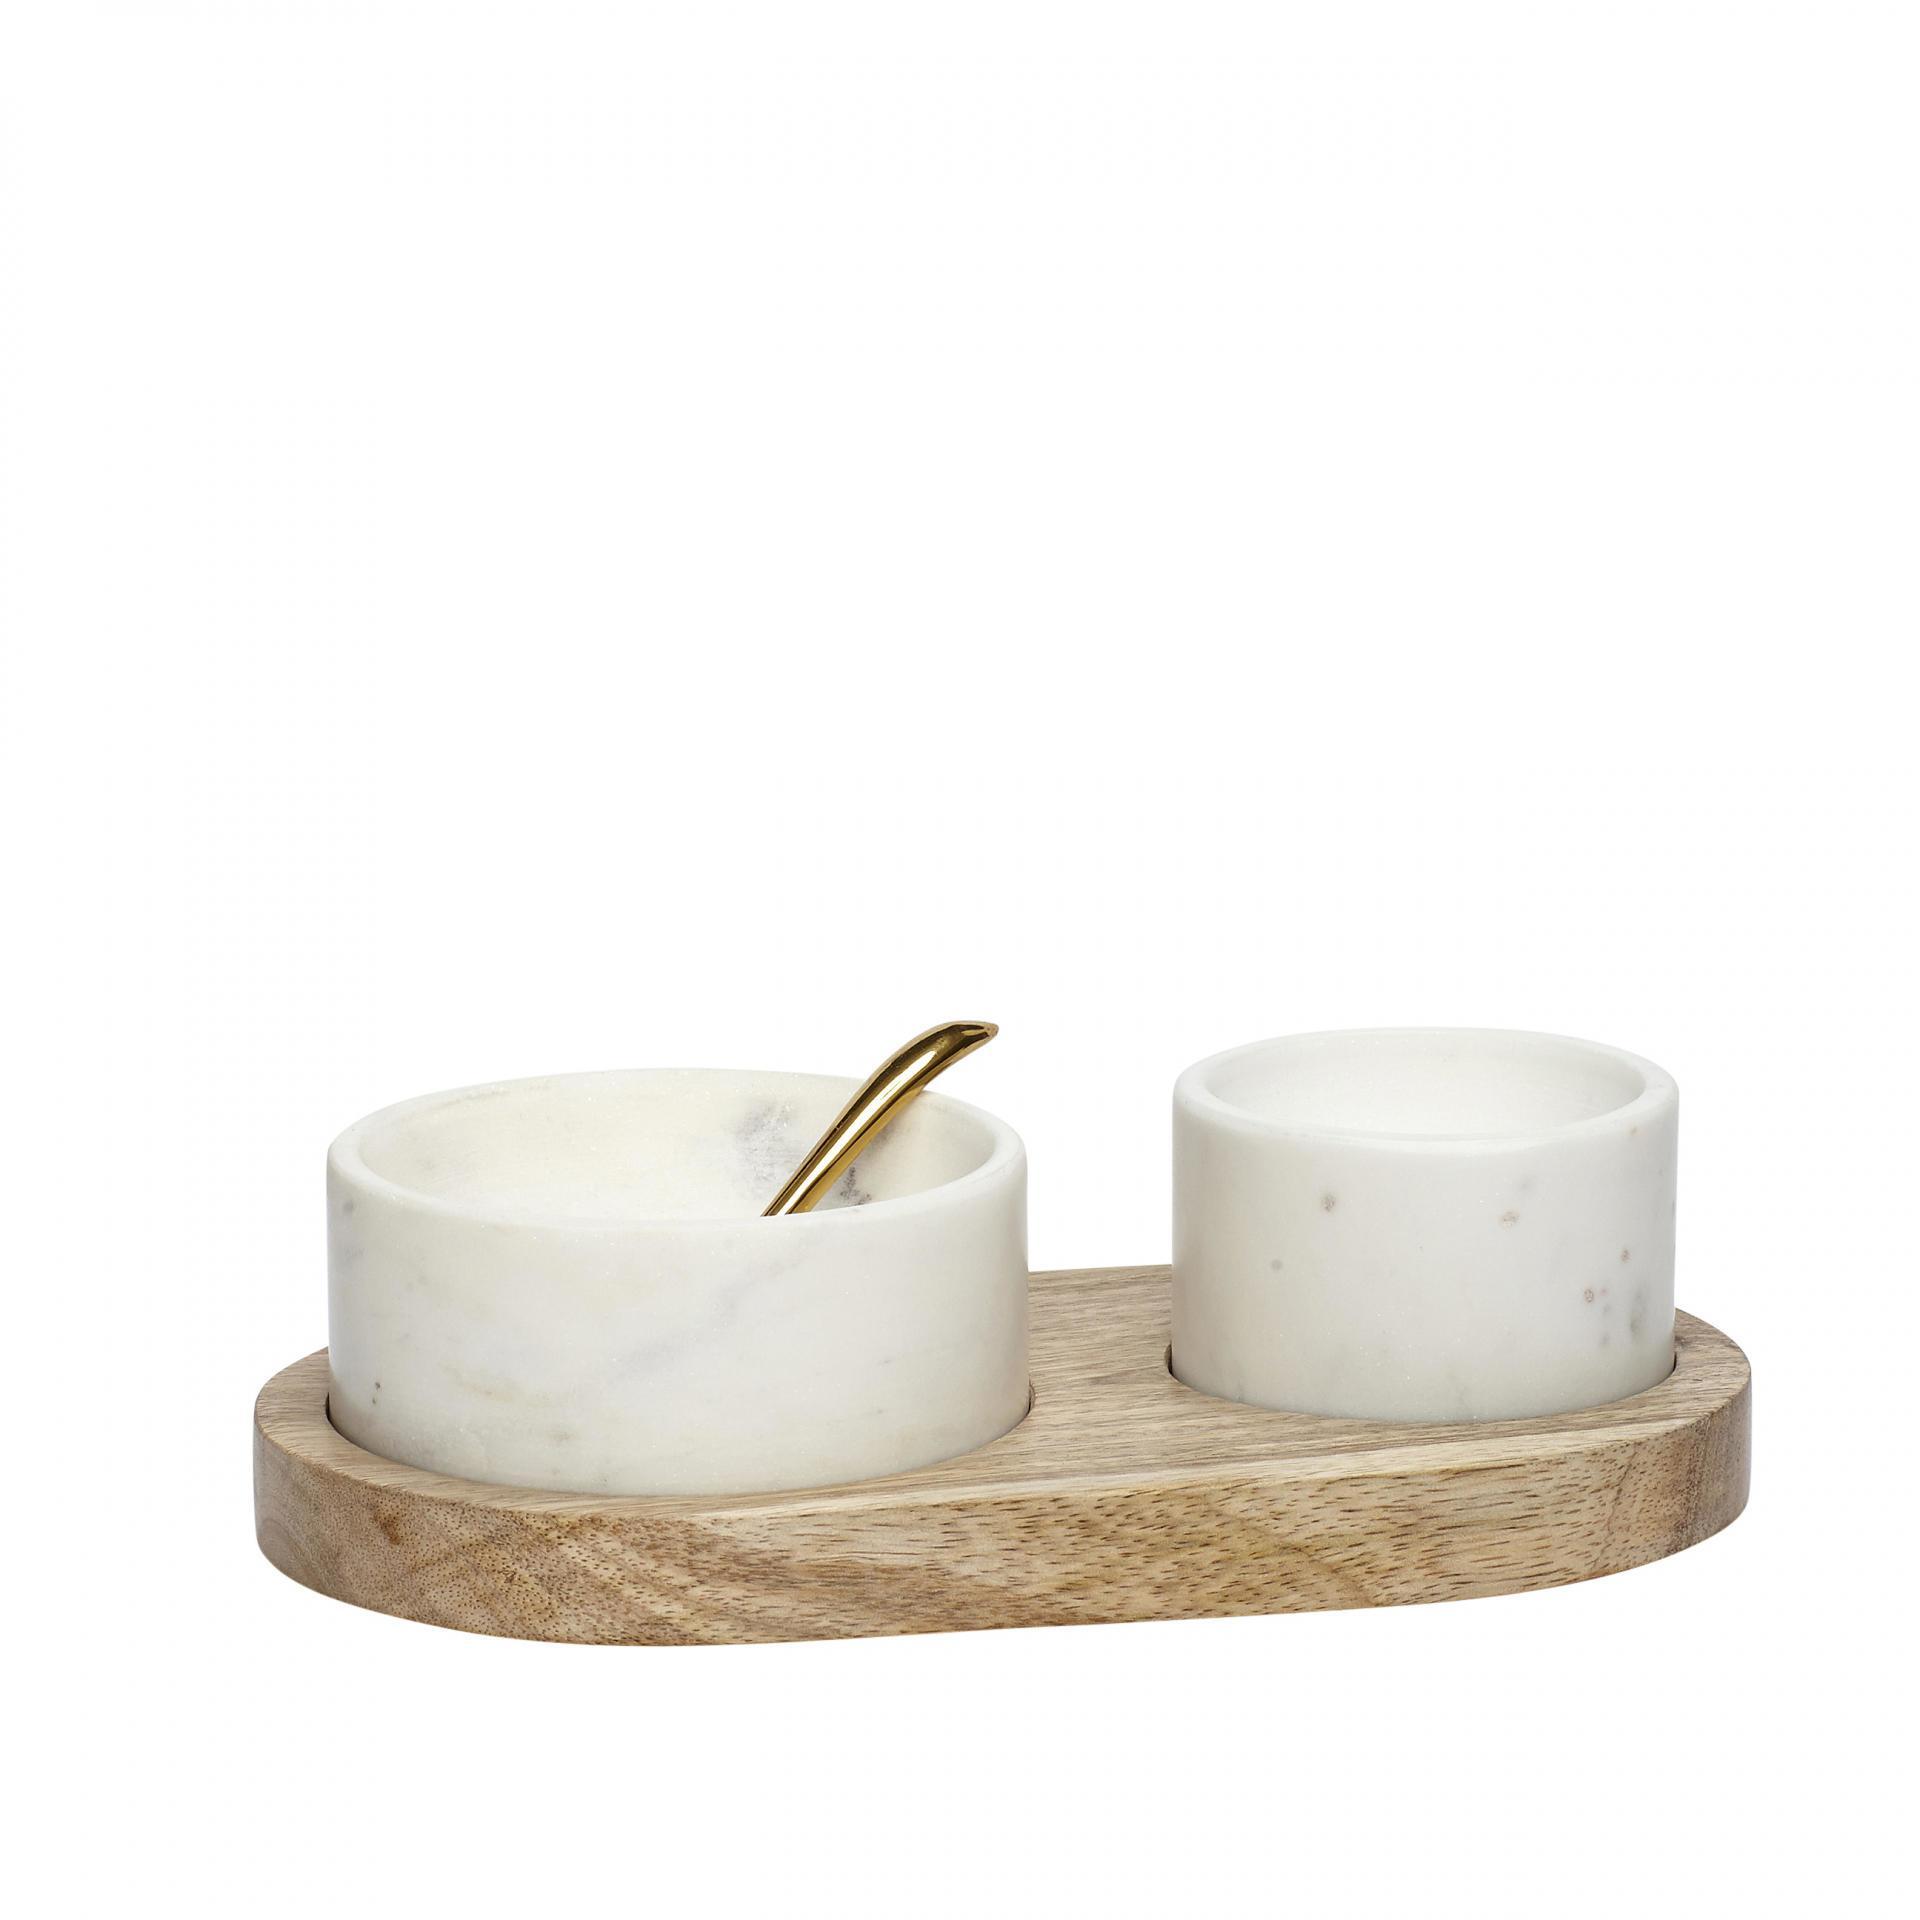 Hübsch Mramorové mističky na dřevěném tácku Marble, hnědá barva, krémová barva, dřevo, mramor